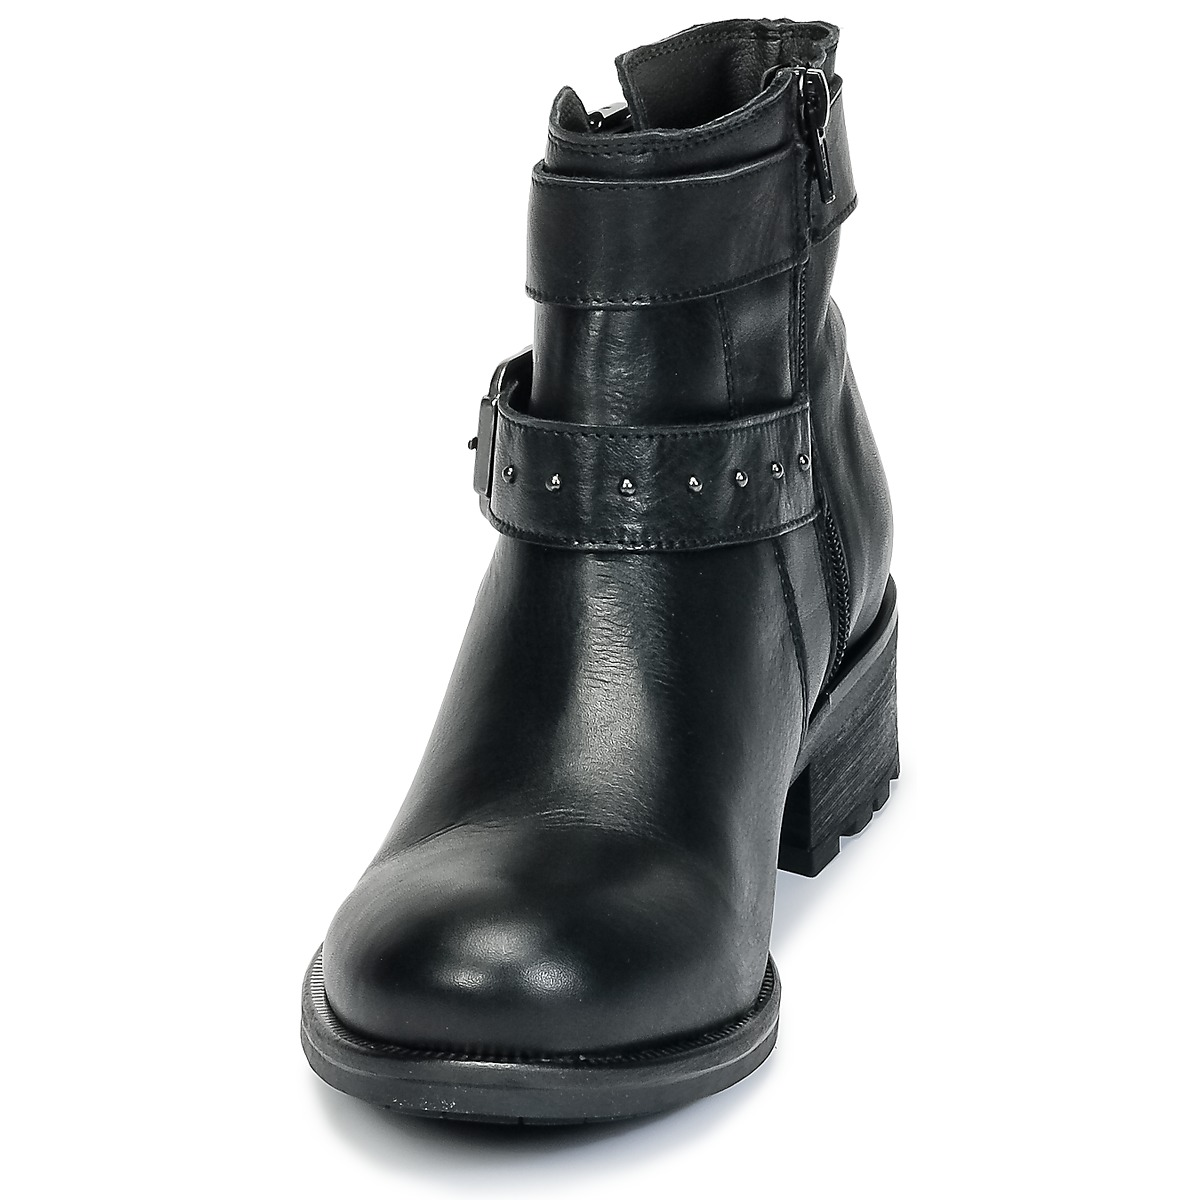 Keds CHAMPION LEATHER Schwarz - Kostenloser Versand bei Spartoode ! - Schuhe Sneaker Low Damen 59,99 €